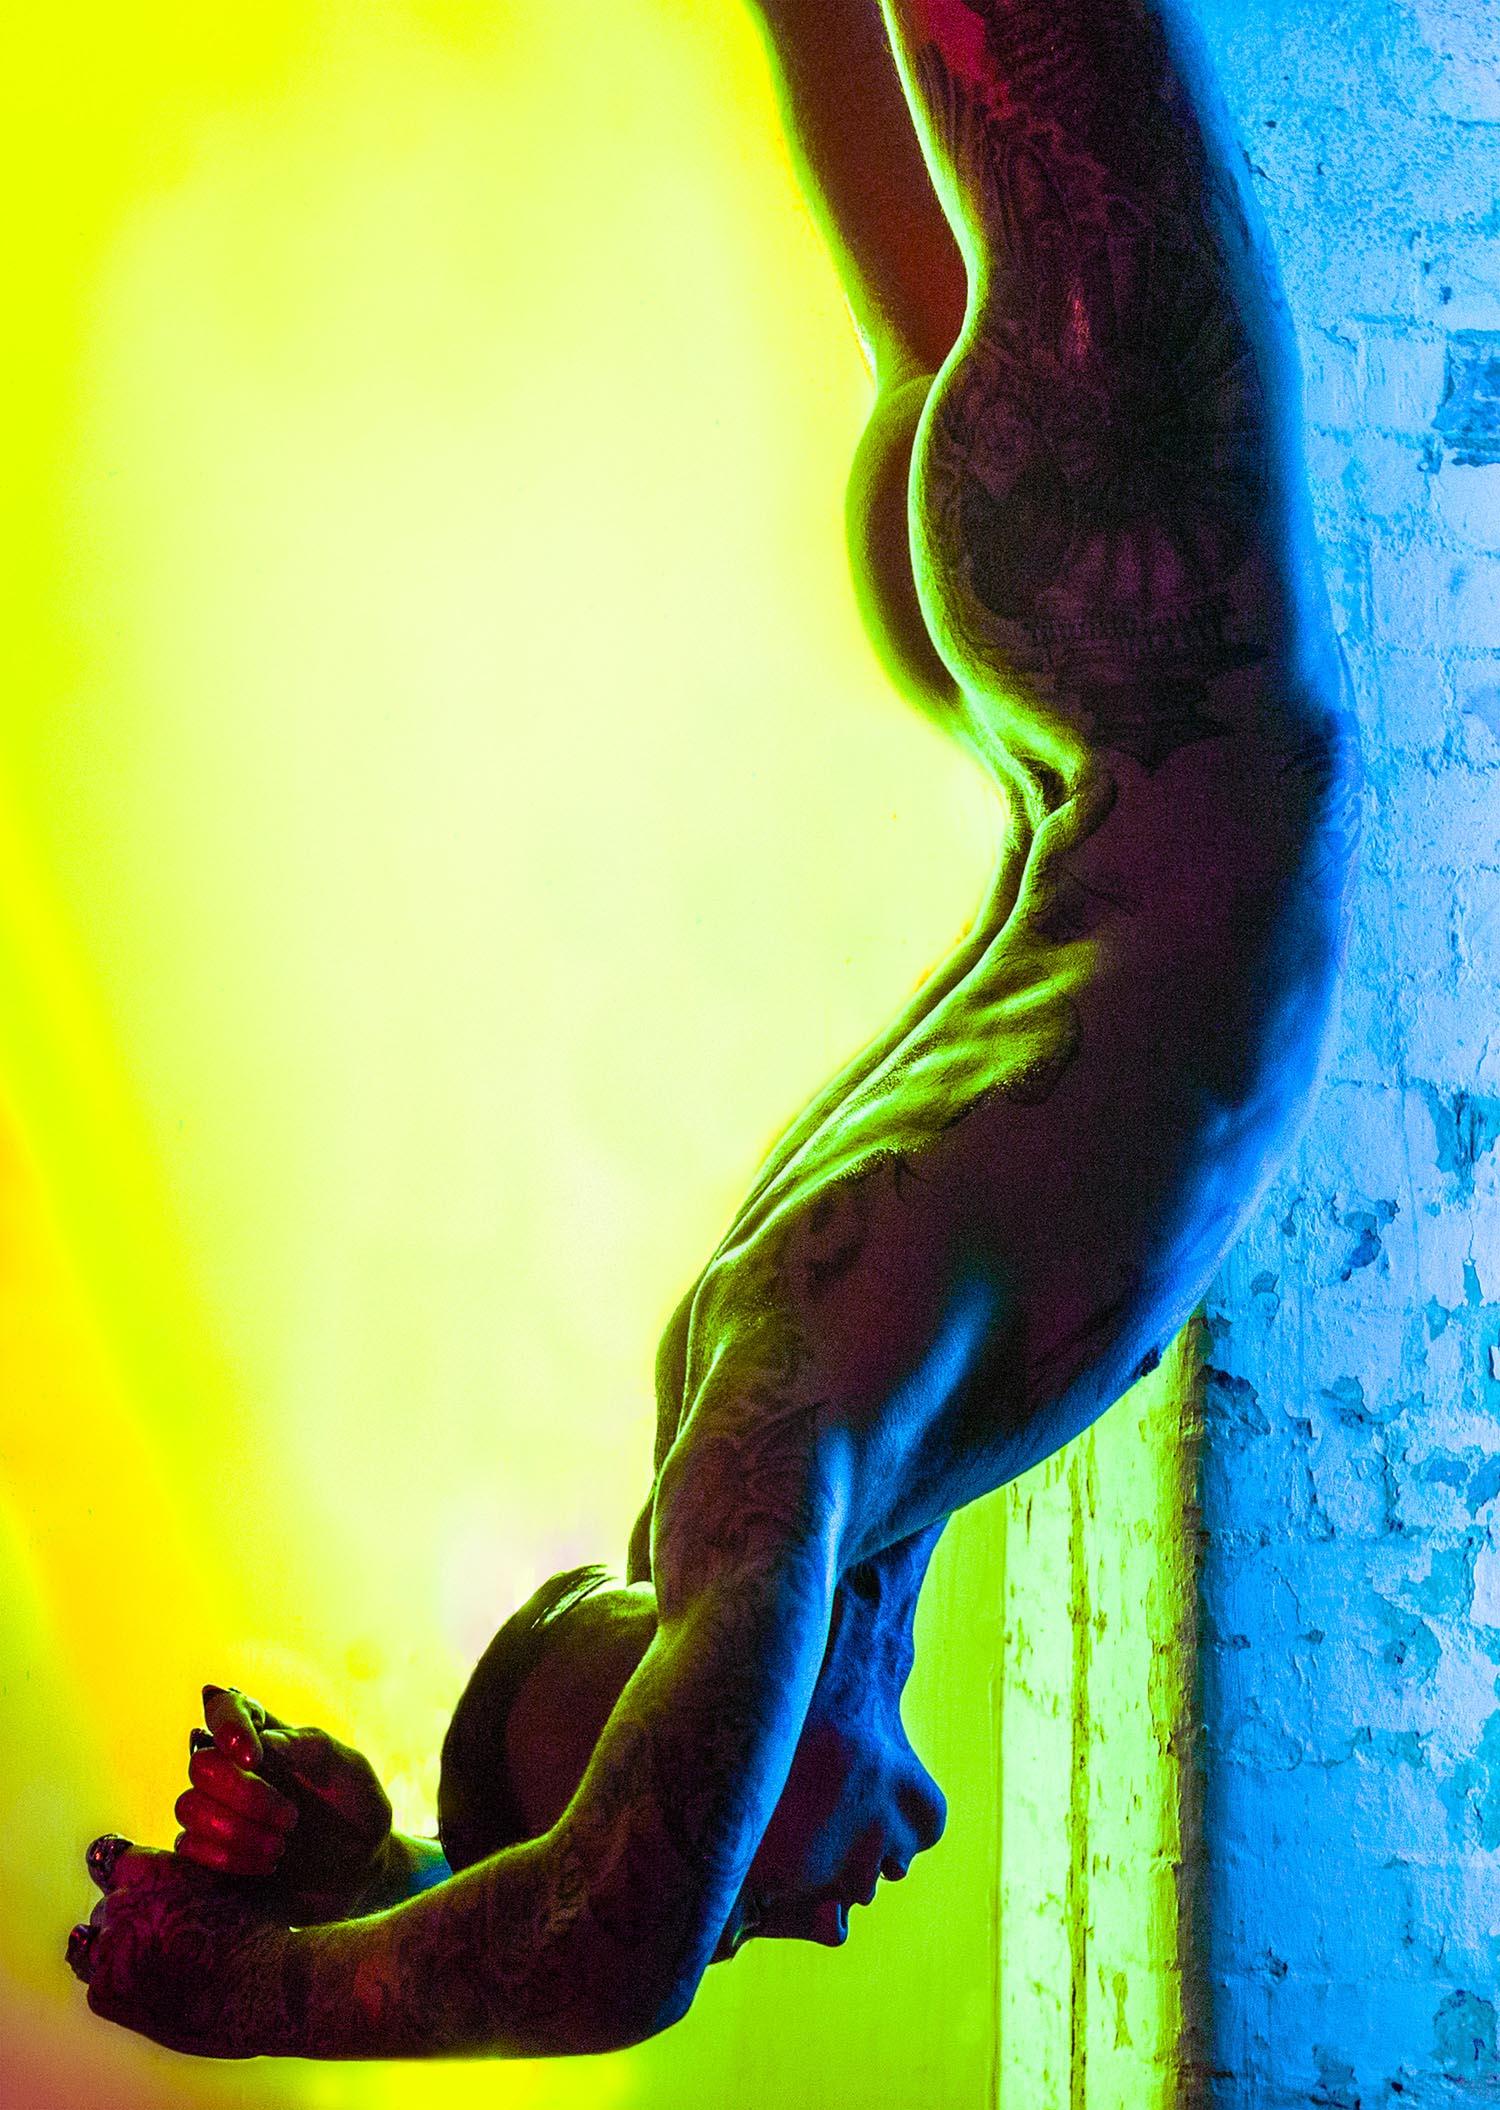 Kofi-Paintsil_Ryan_Neon-Ink__011.jpg